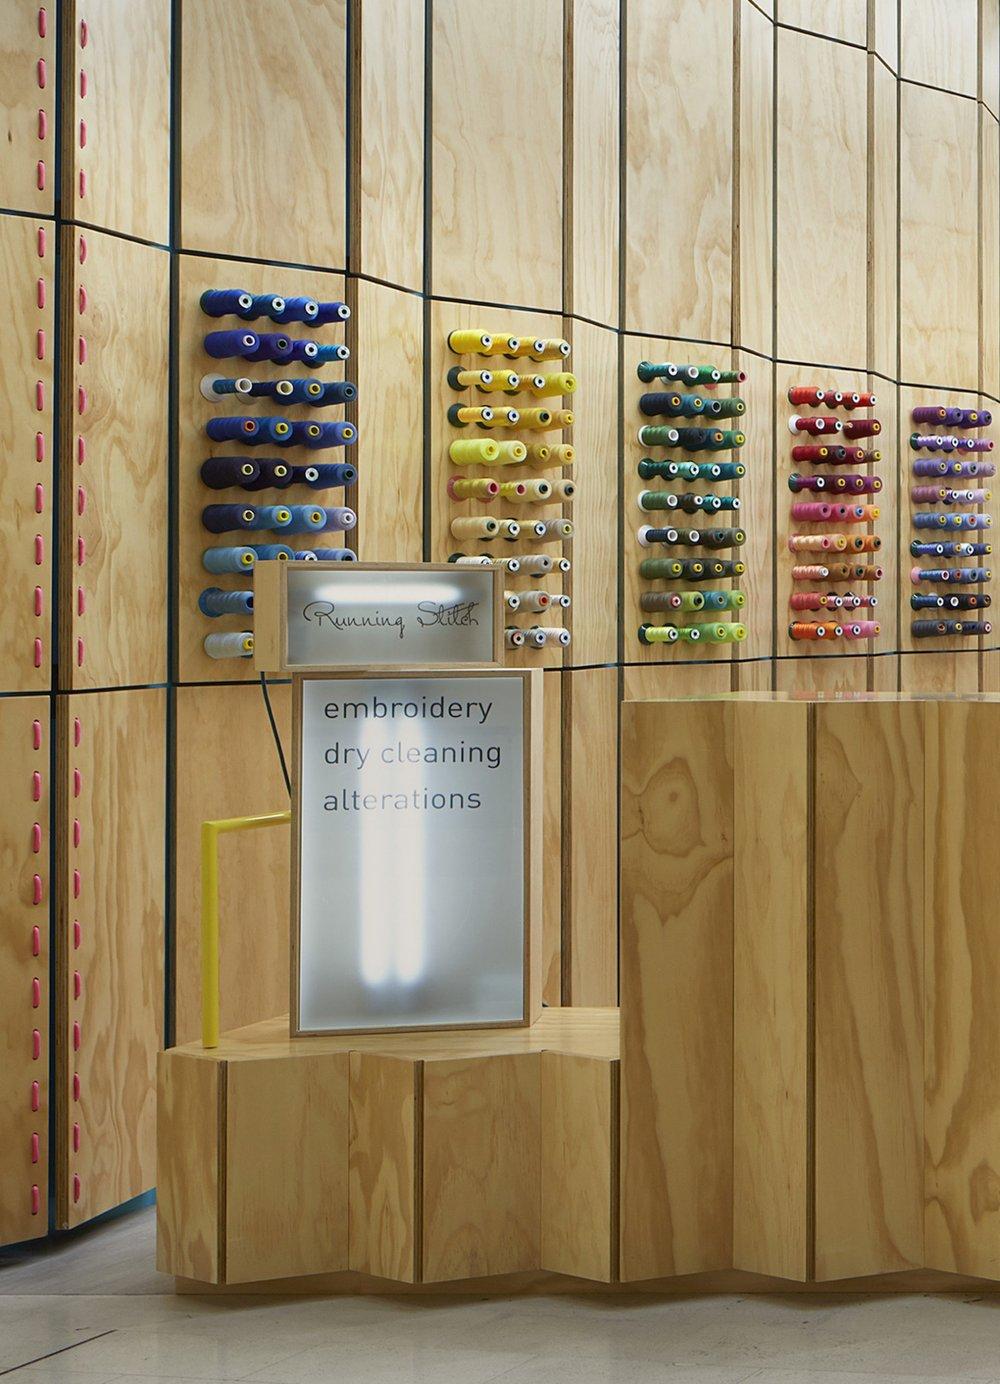 Pinto-Runcer-Retail-Running-Stitch-03.jpg